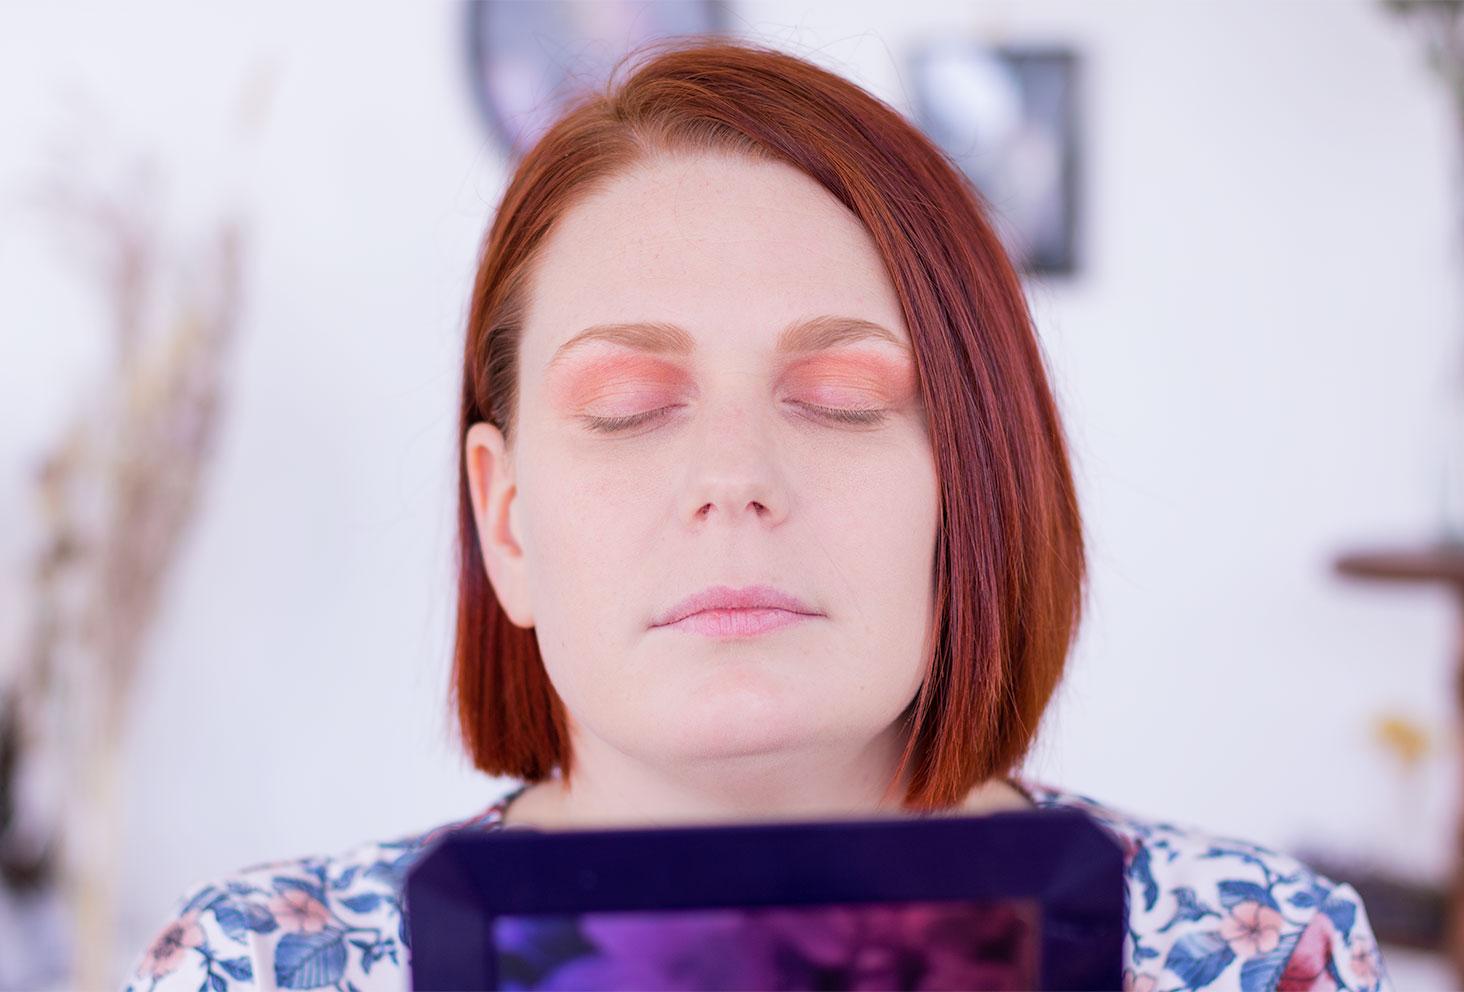 Etape 1 du make-up coloré réalisé avec la palette Moroccan Spice